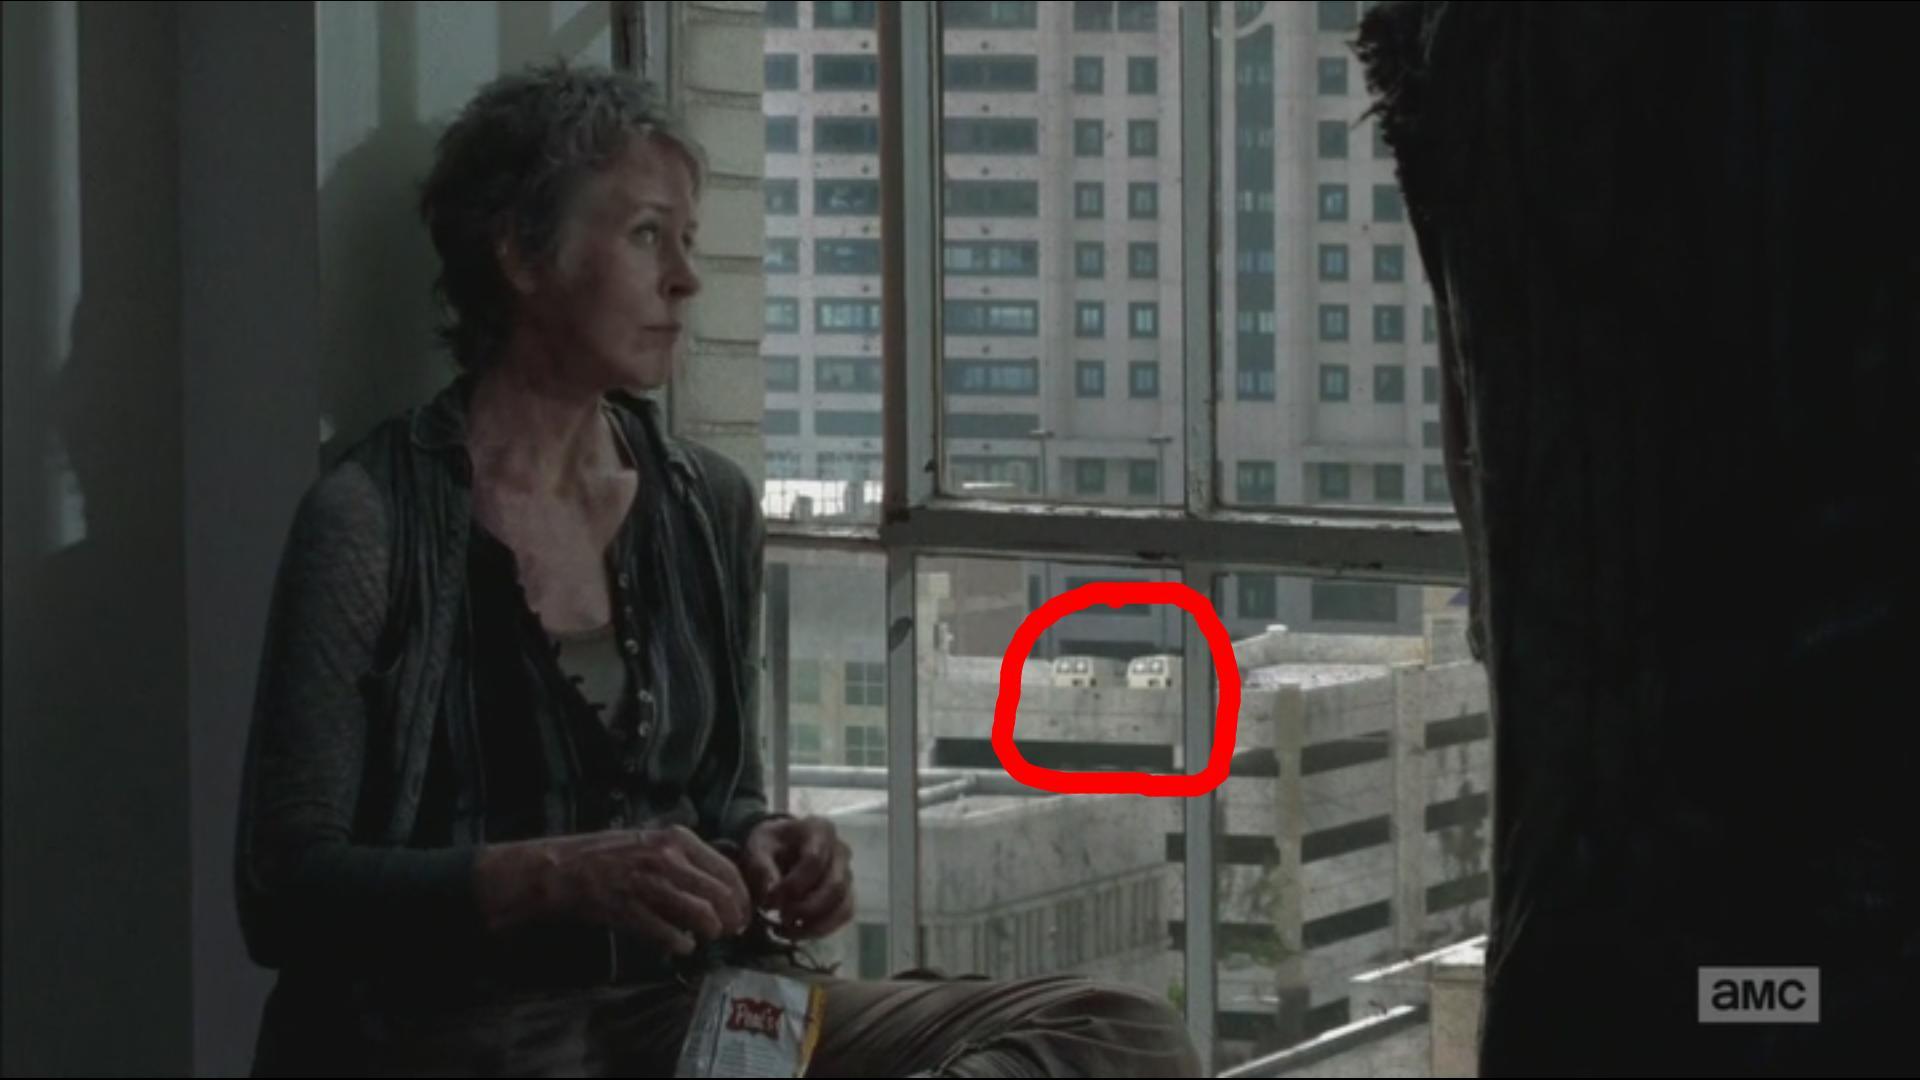 Walking Dead Season 6 Wallpaper Out That The Walking Dead